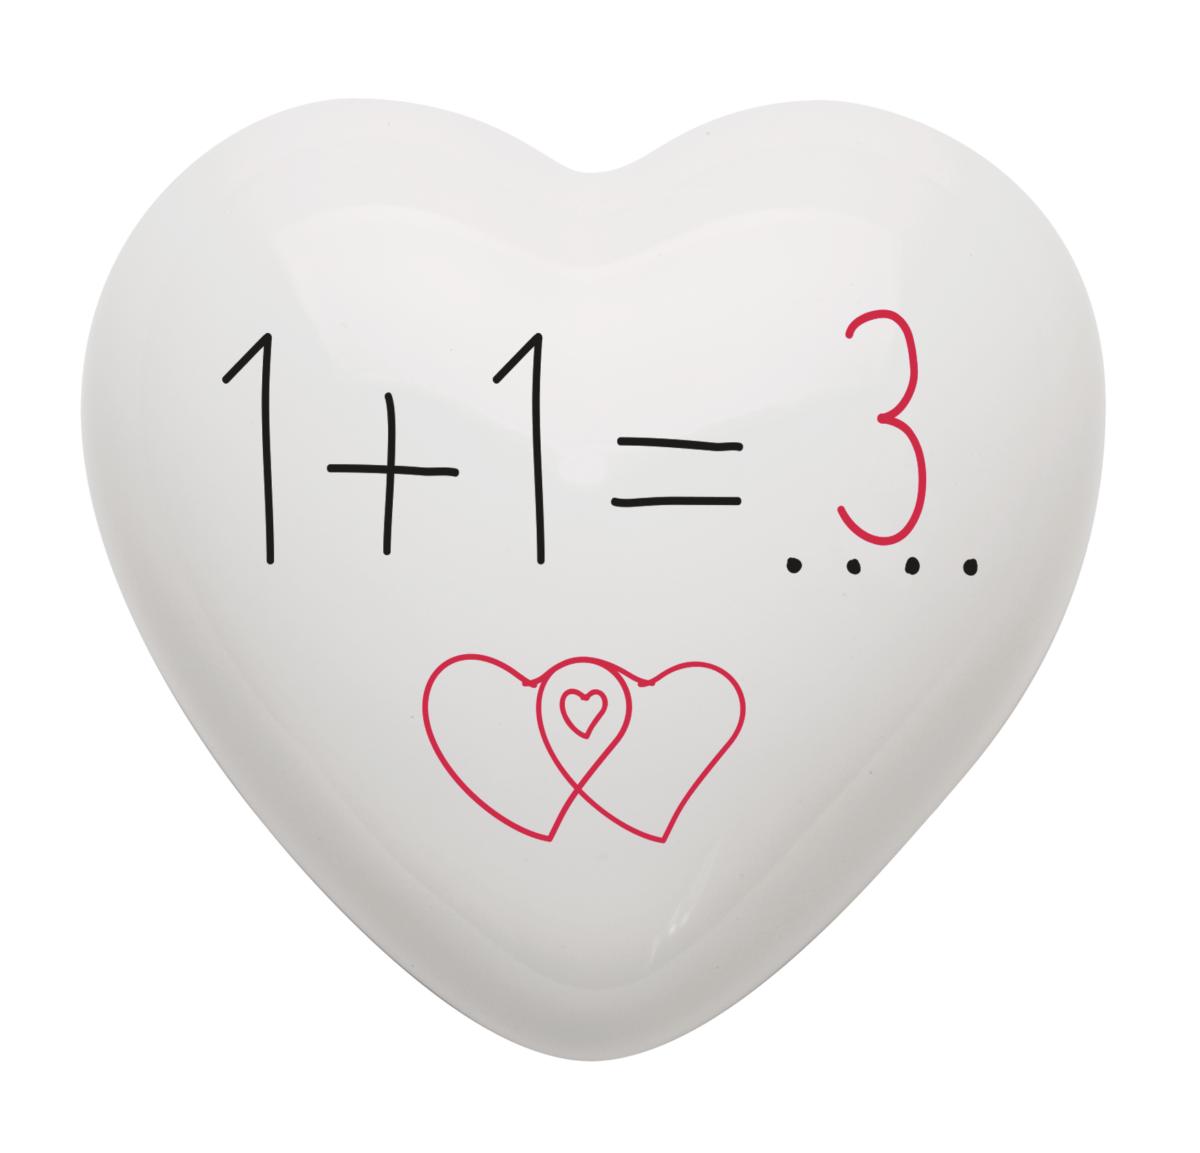 come dire che si desidera un figlio, con il cuore in ceramica con il messaggio 1+1 = 3